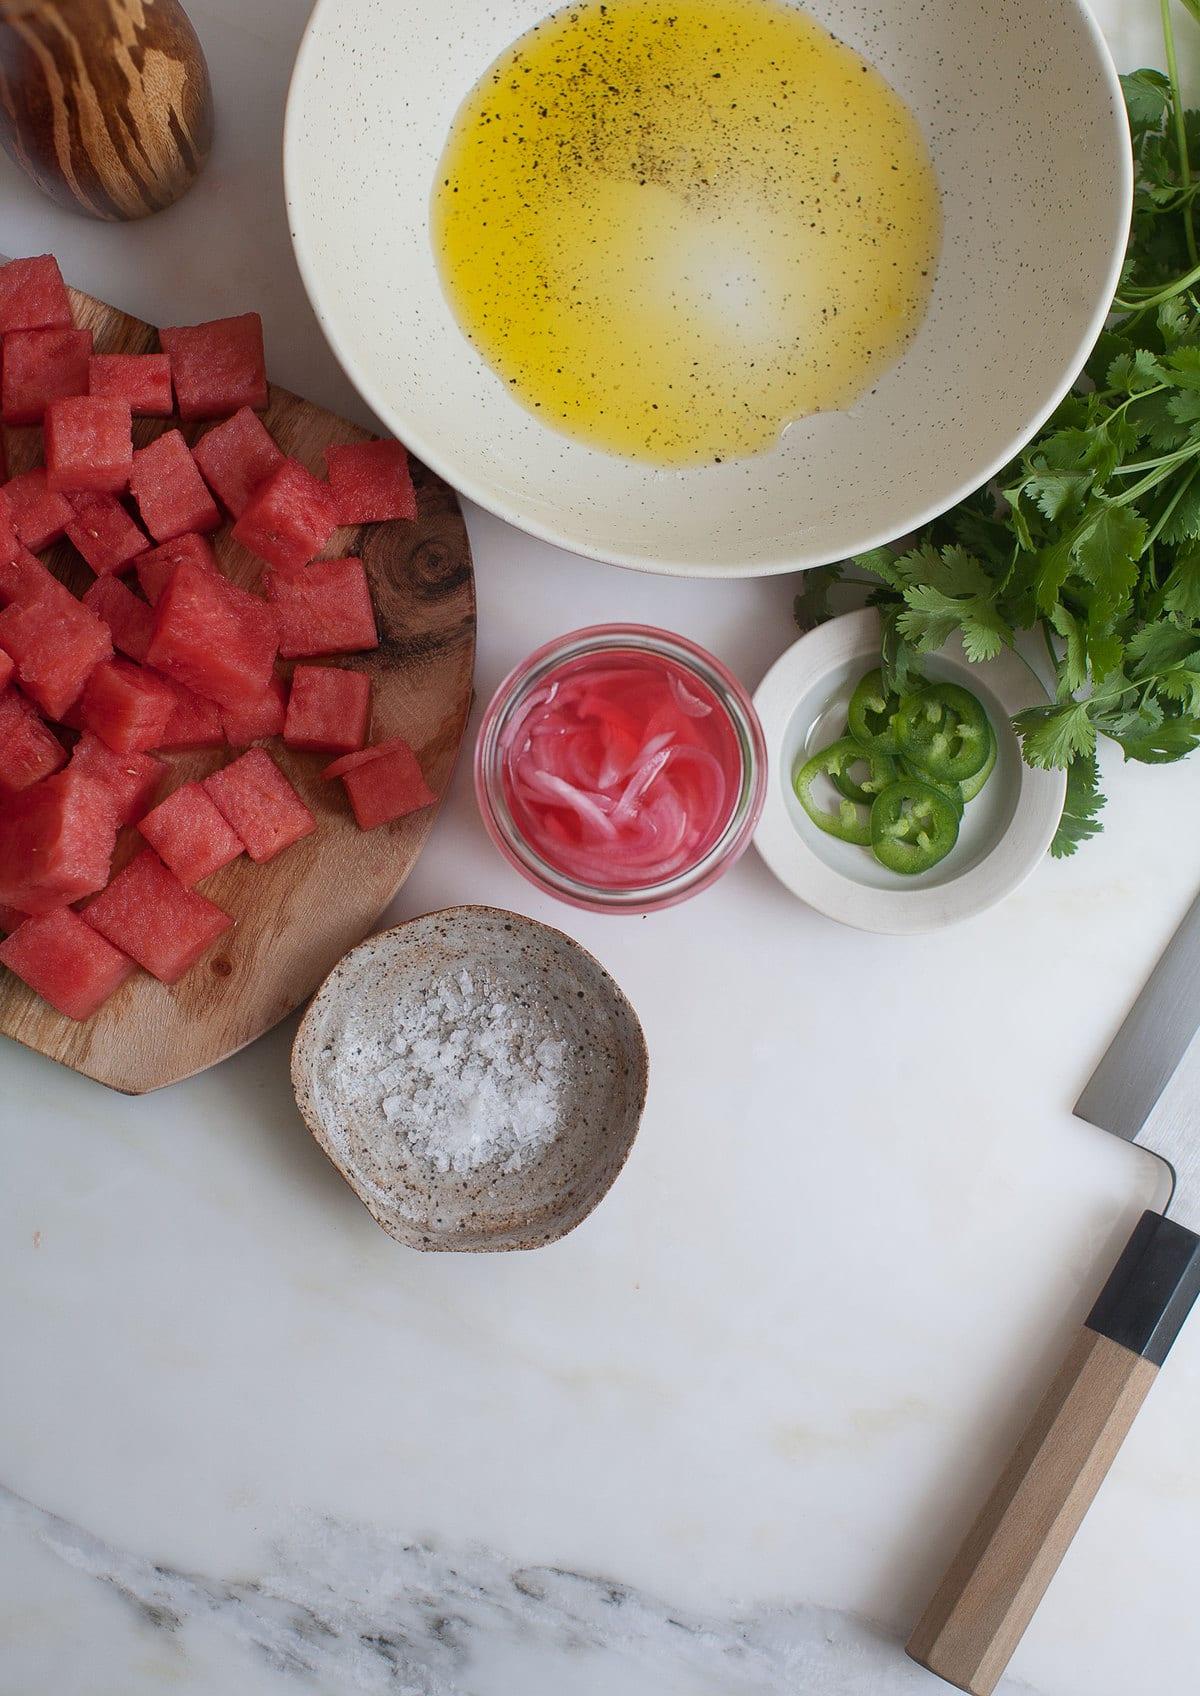 Watermelon Queso Fresco with Cilantro, Queso Fresco and Pickled Red Onion